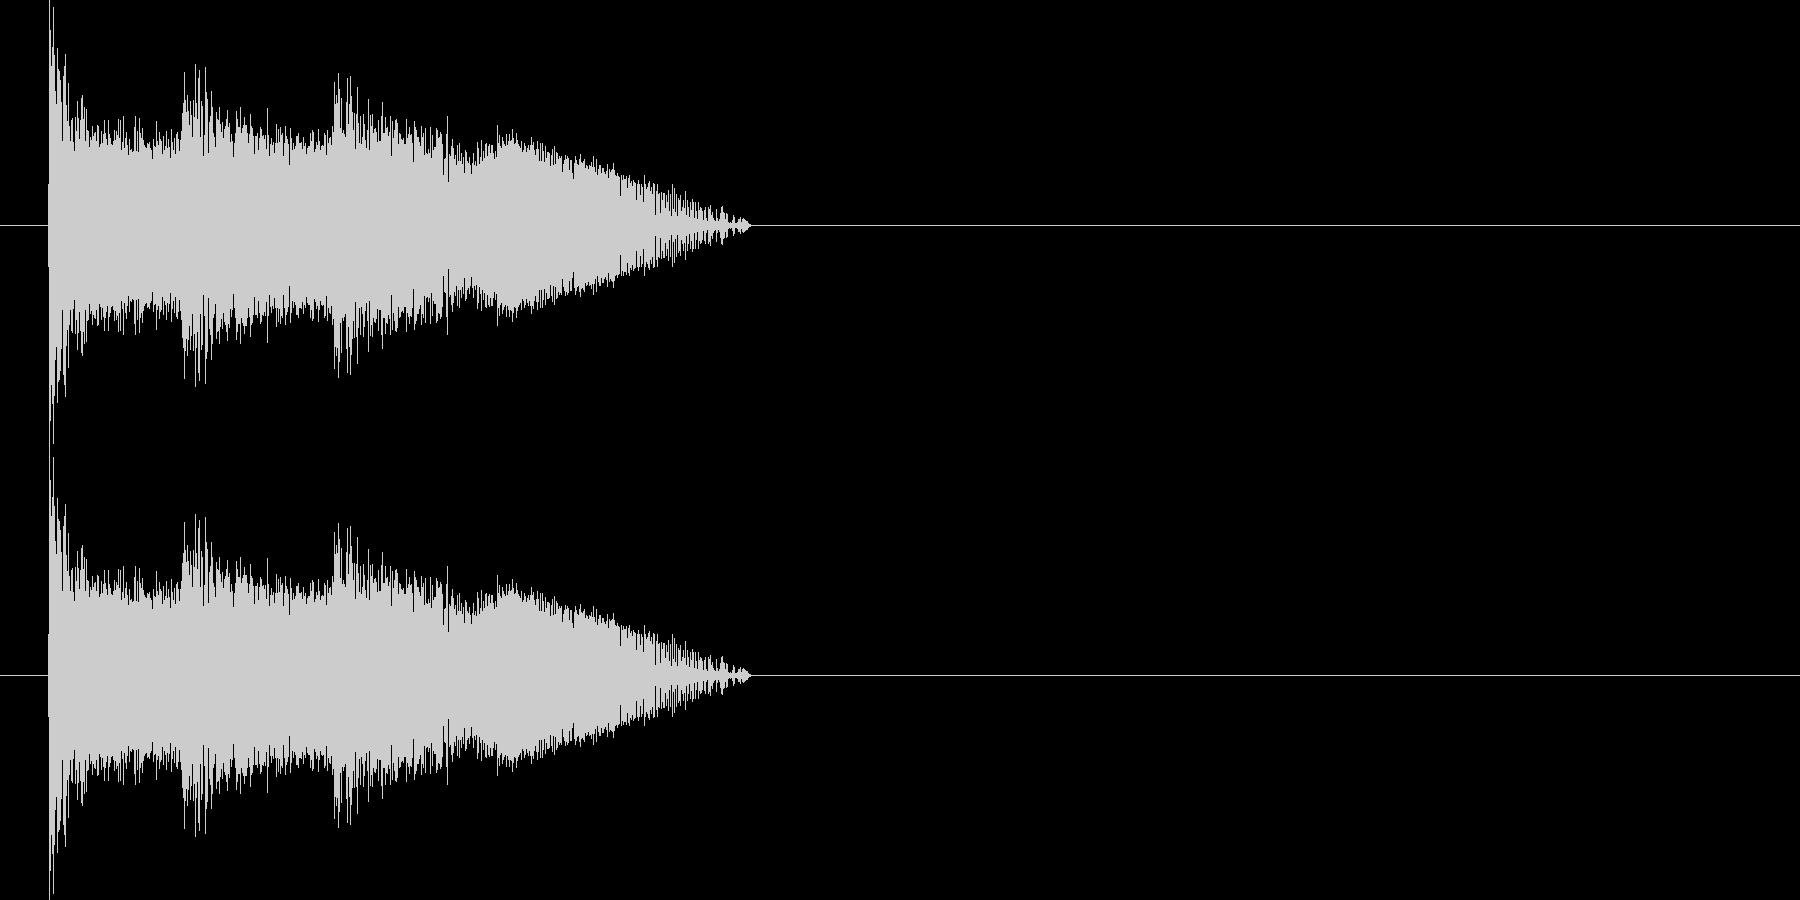 ビーム 14(3点バースト) の未再生の波形